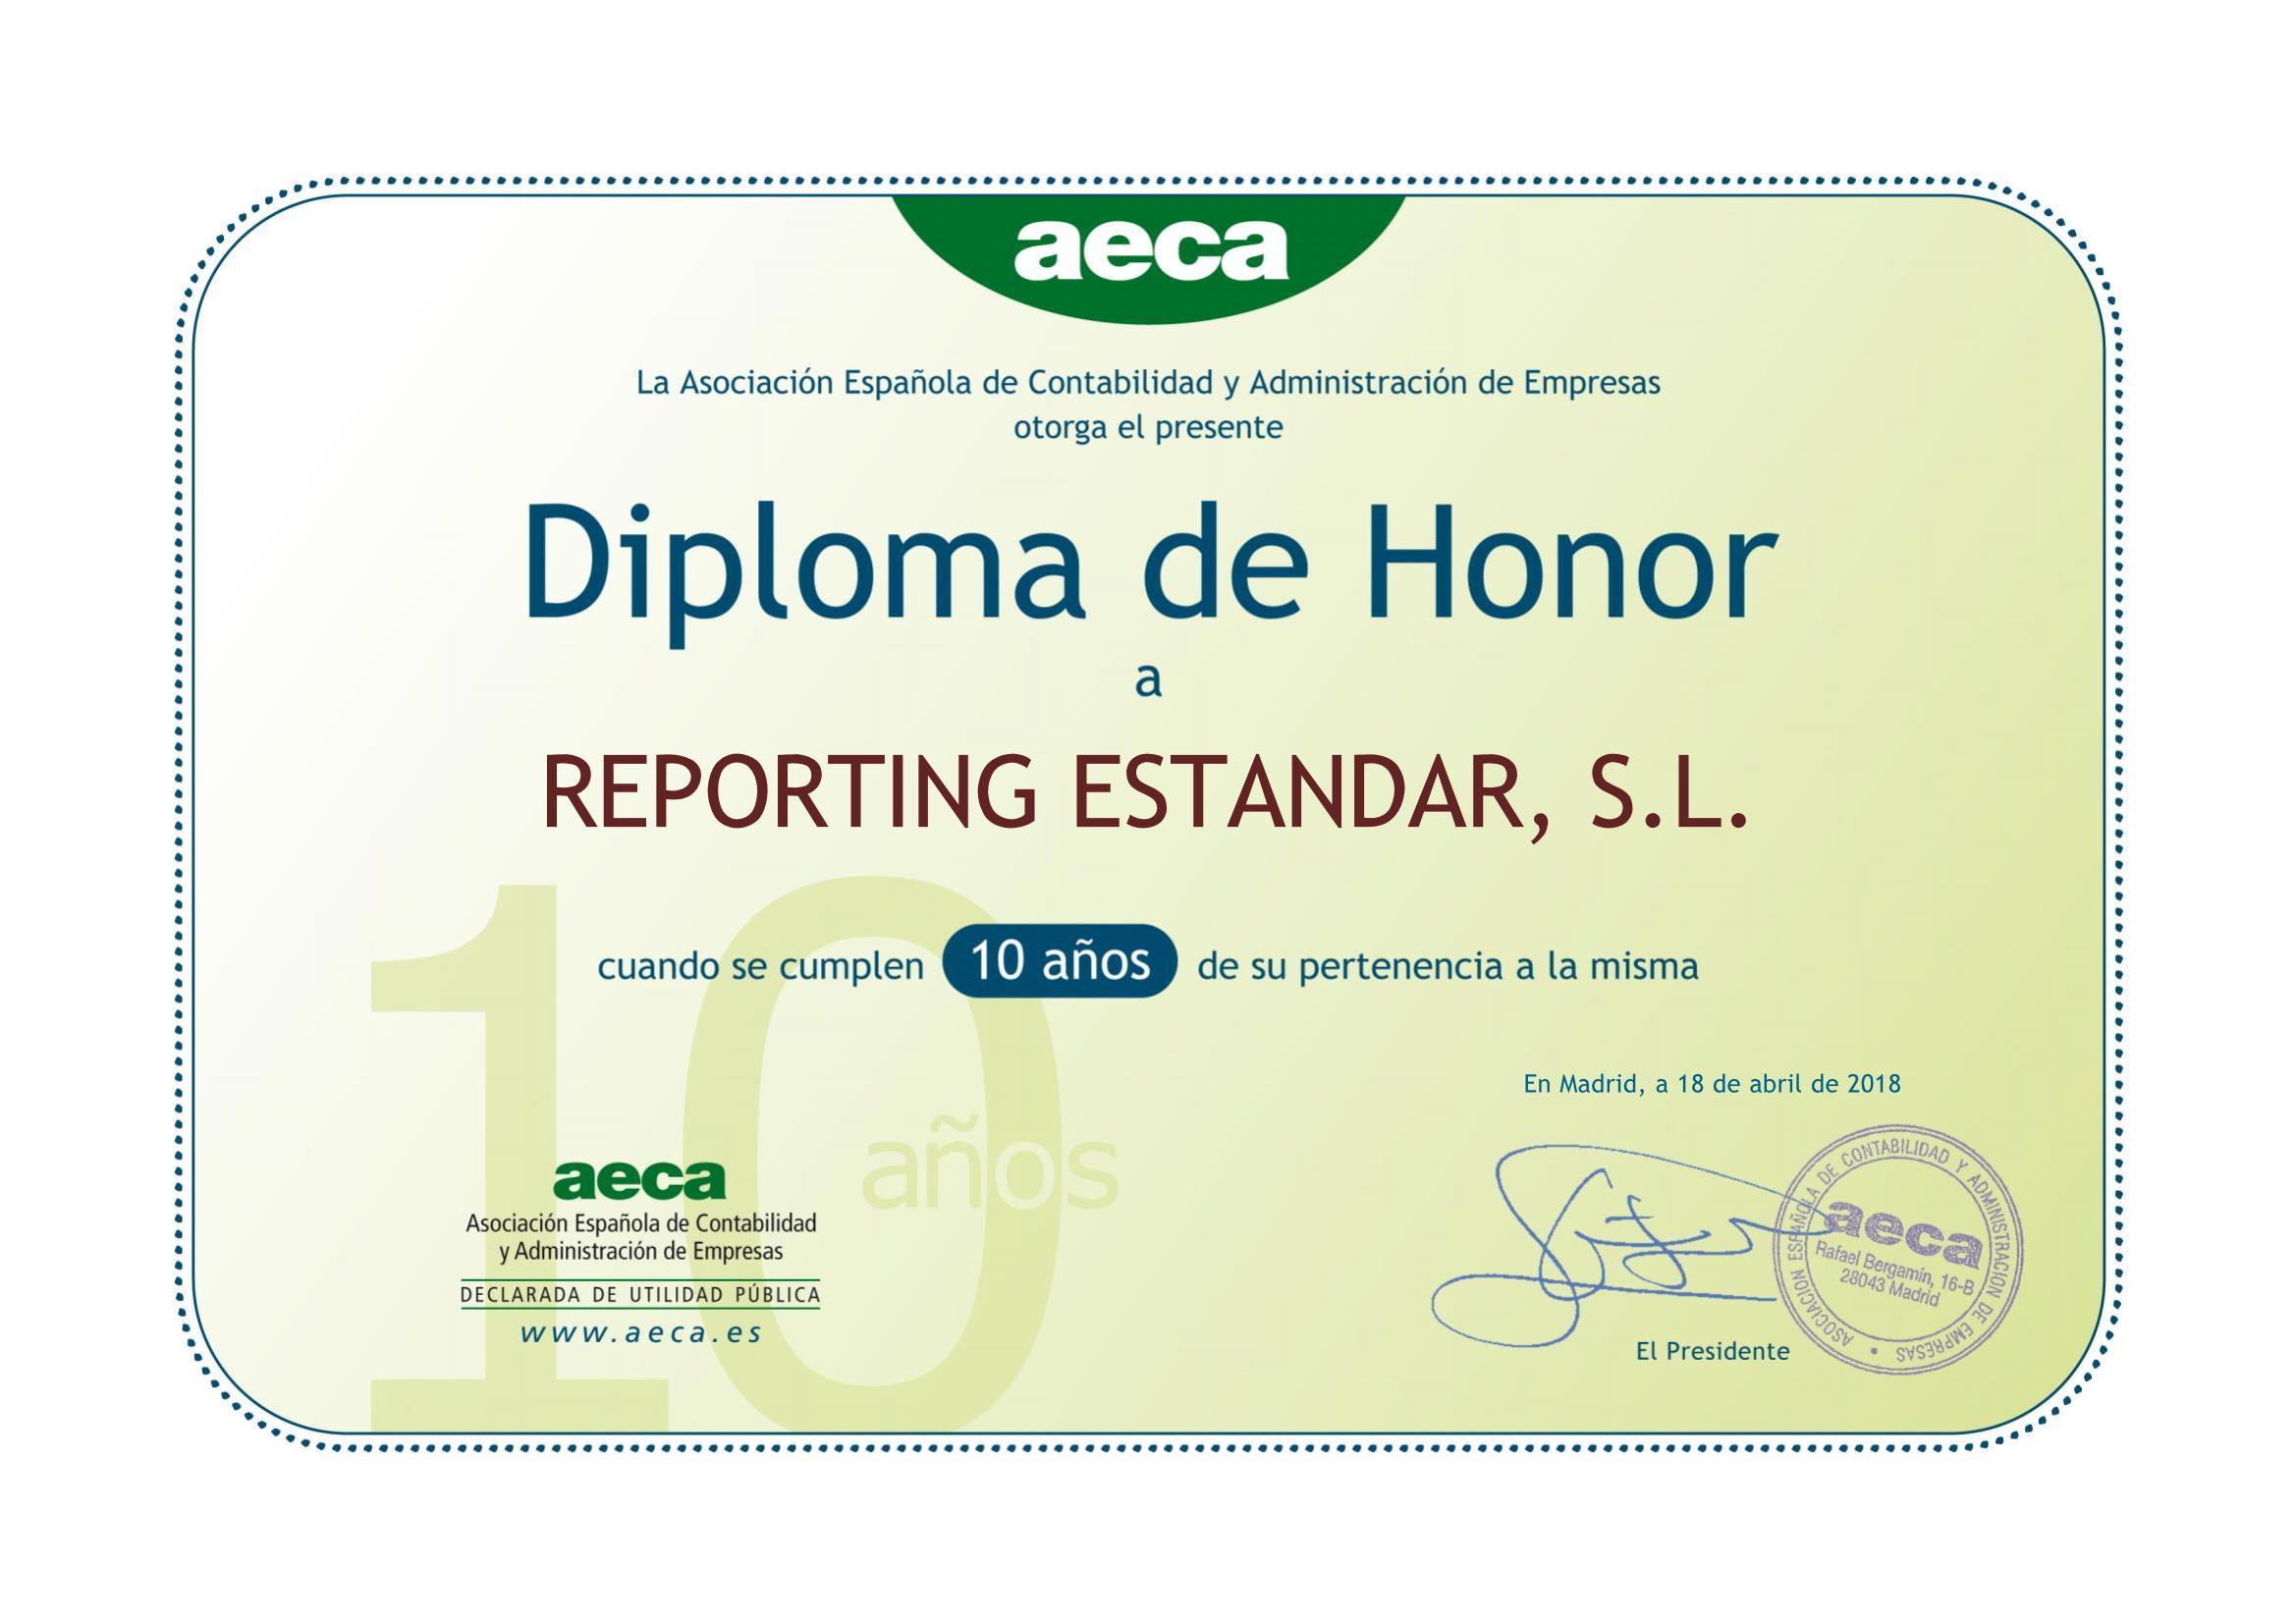 AECA otorga el diploma de honor a Reporting Standard tras una colaboración de 10 años